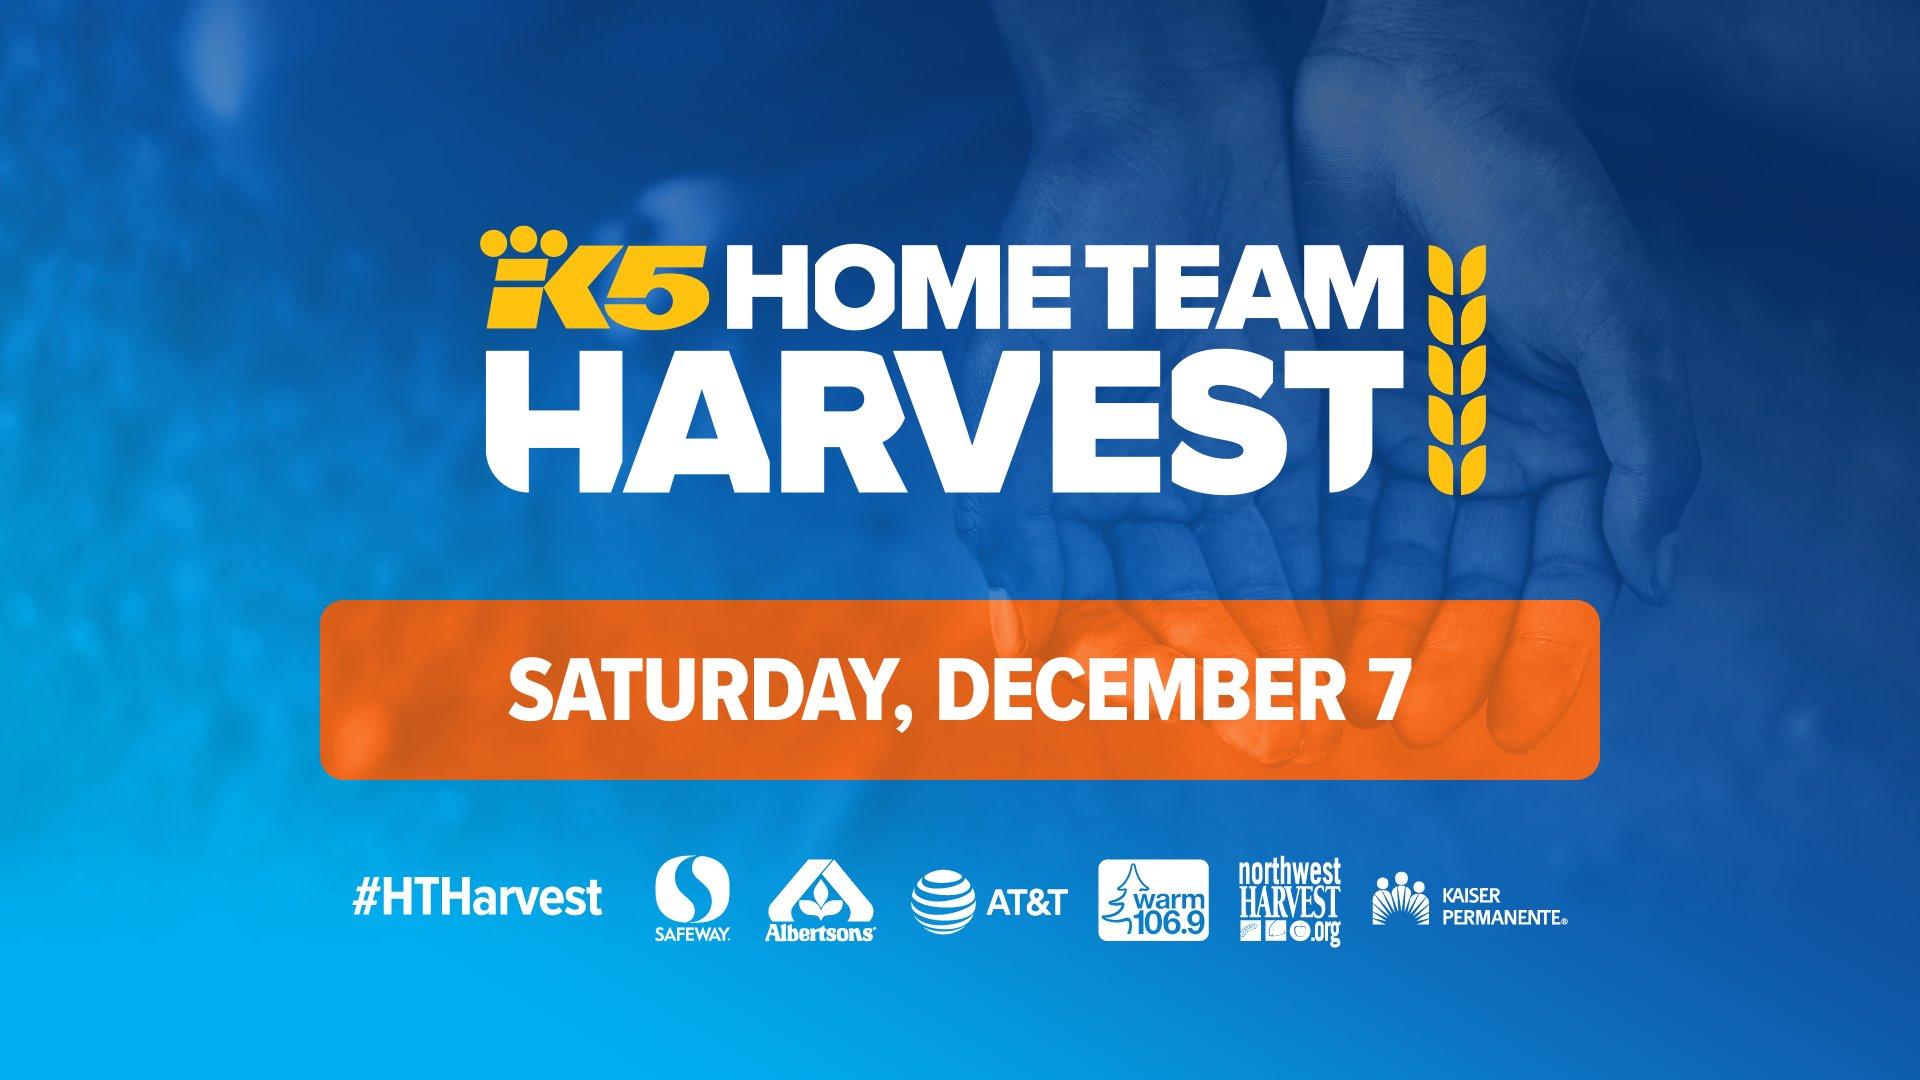 King5 Home Team Harvest Issaquah Highlands